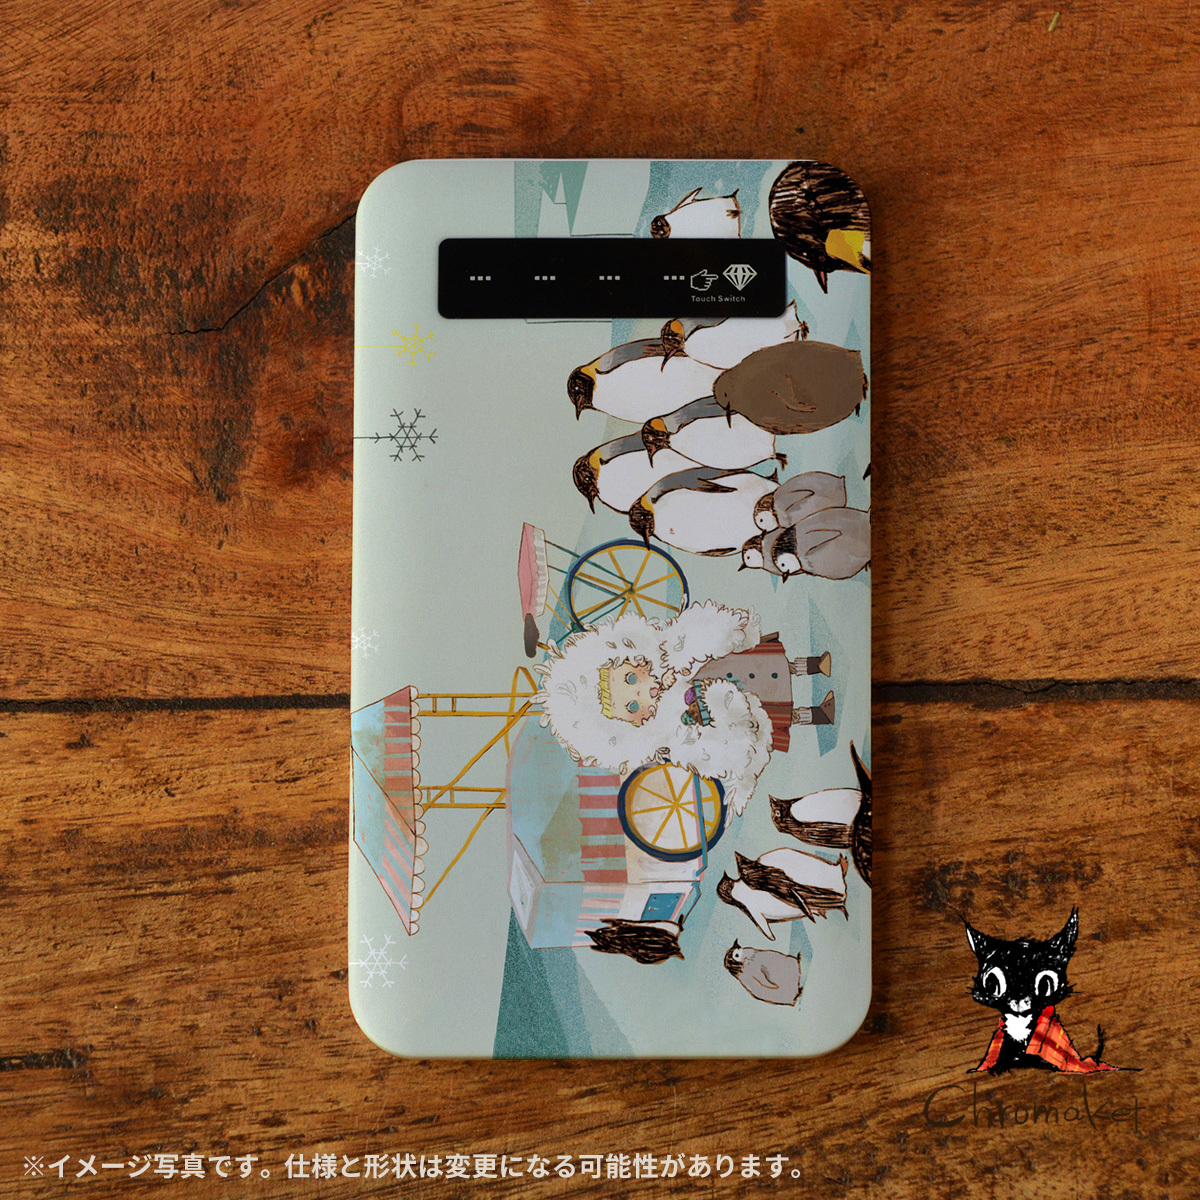 iphone モバイルバッテリー かわいい スマホ 充電器 持ち運び モバイルバッテリー 可愛い iphone 携帯充電器 アンドロイド かわいい ペンギン アイスクリーム アイスがほしい/Chromaket